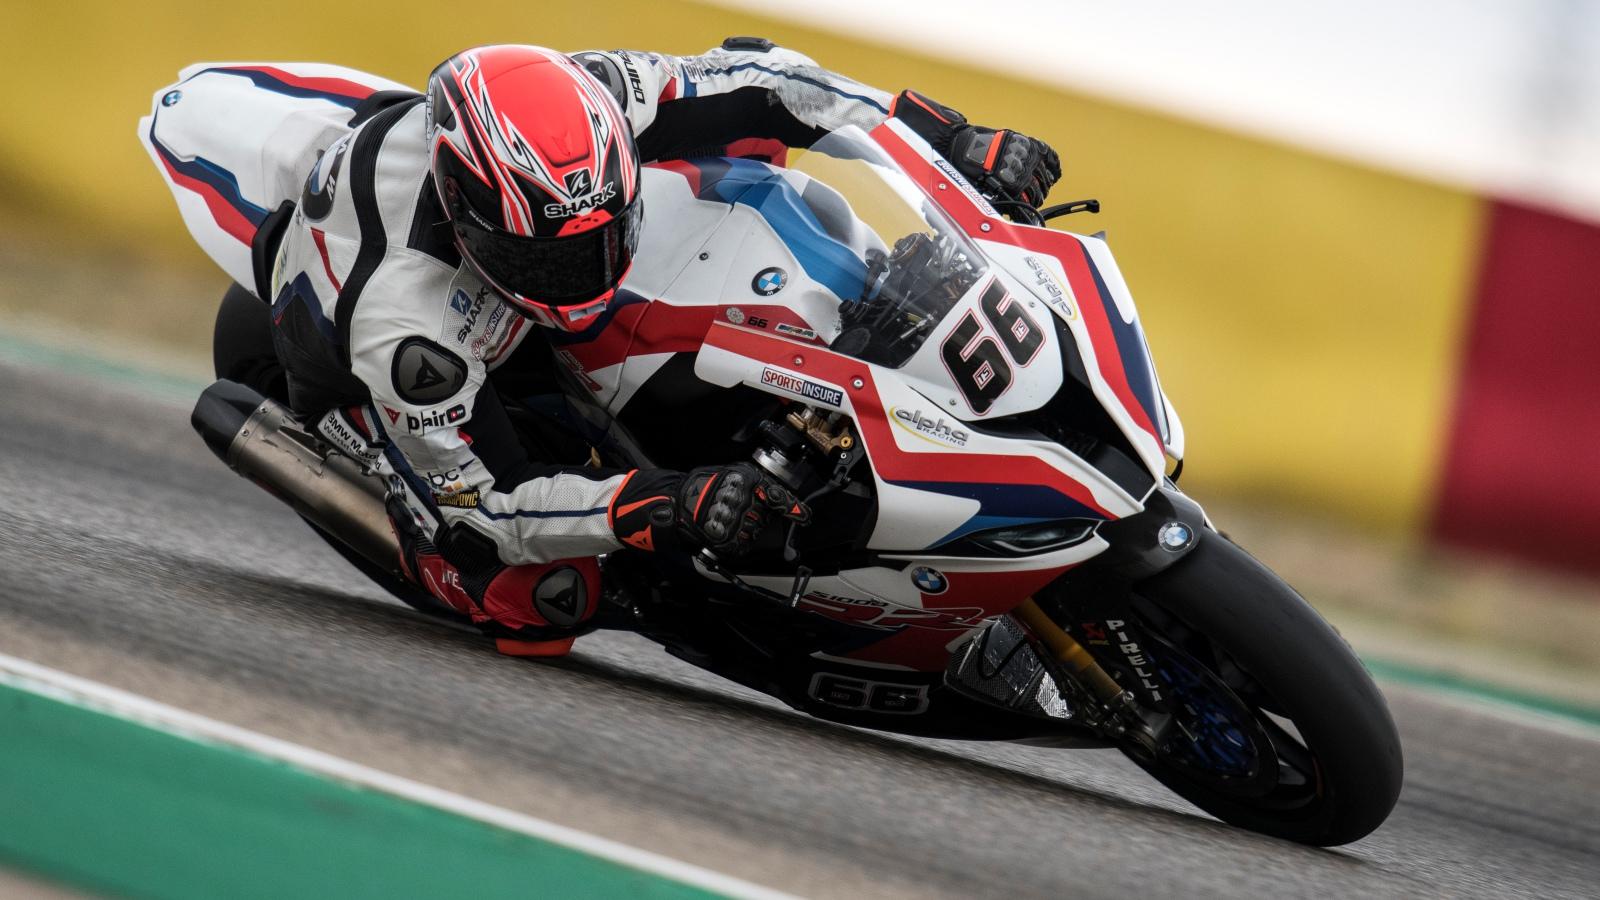 Tom Sykes lidera un viernes igualadísimo en Assen con Álvaro Bautista sexto